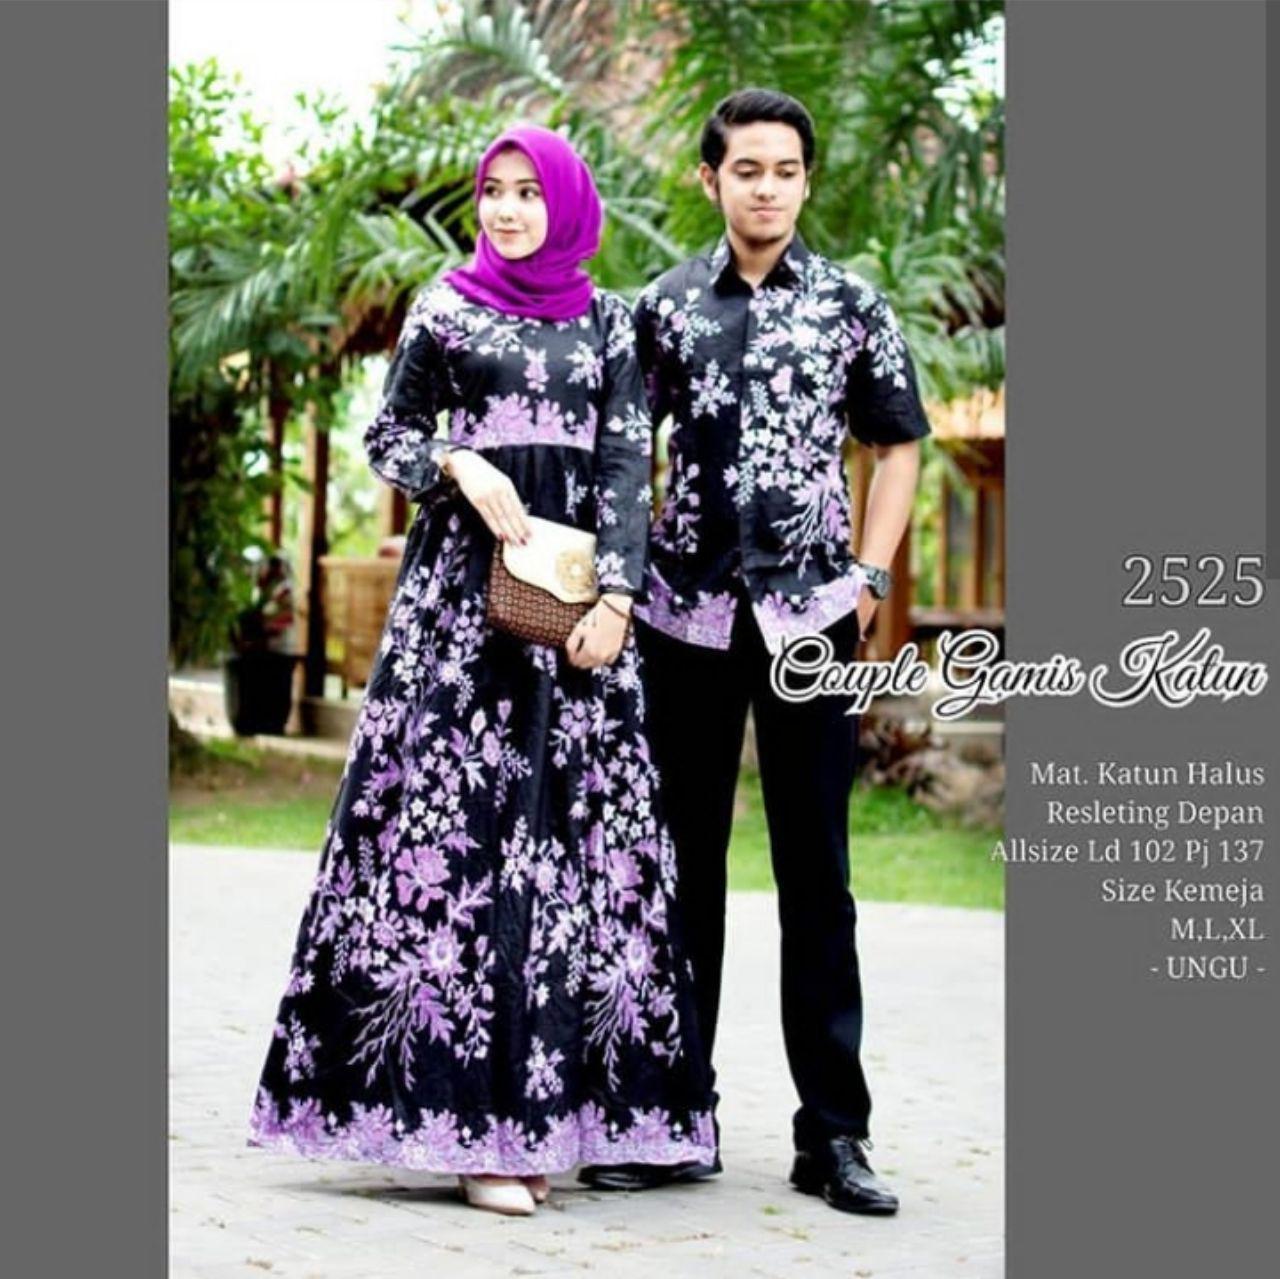 Jual batik couple fashion murah garansi dan berkualitas  521841b1fb